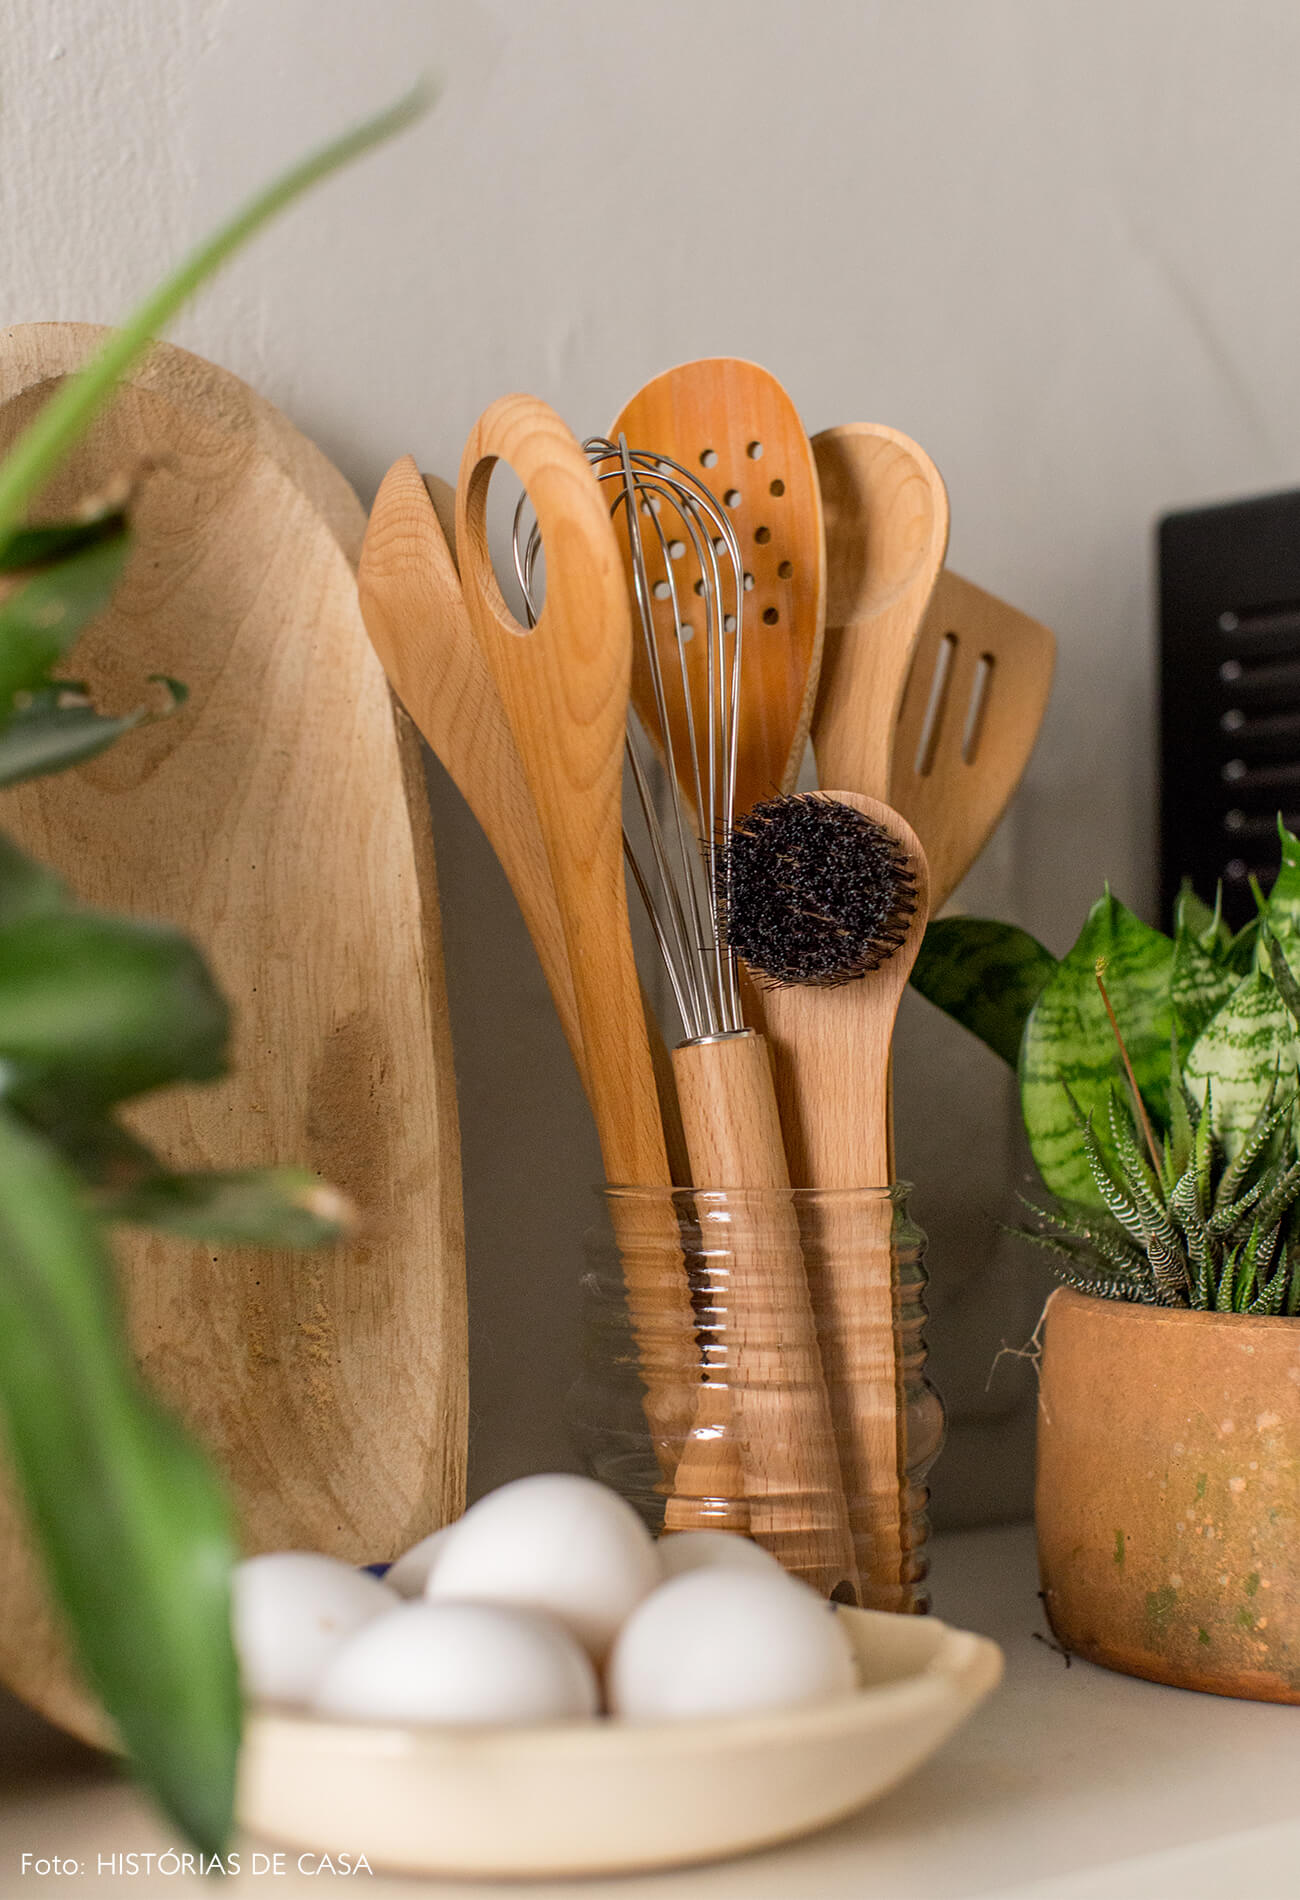 Detalhe cozinha utensílios madeira e plantas